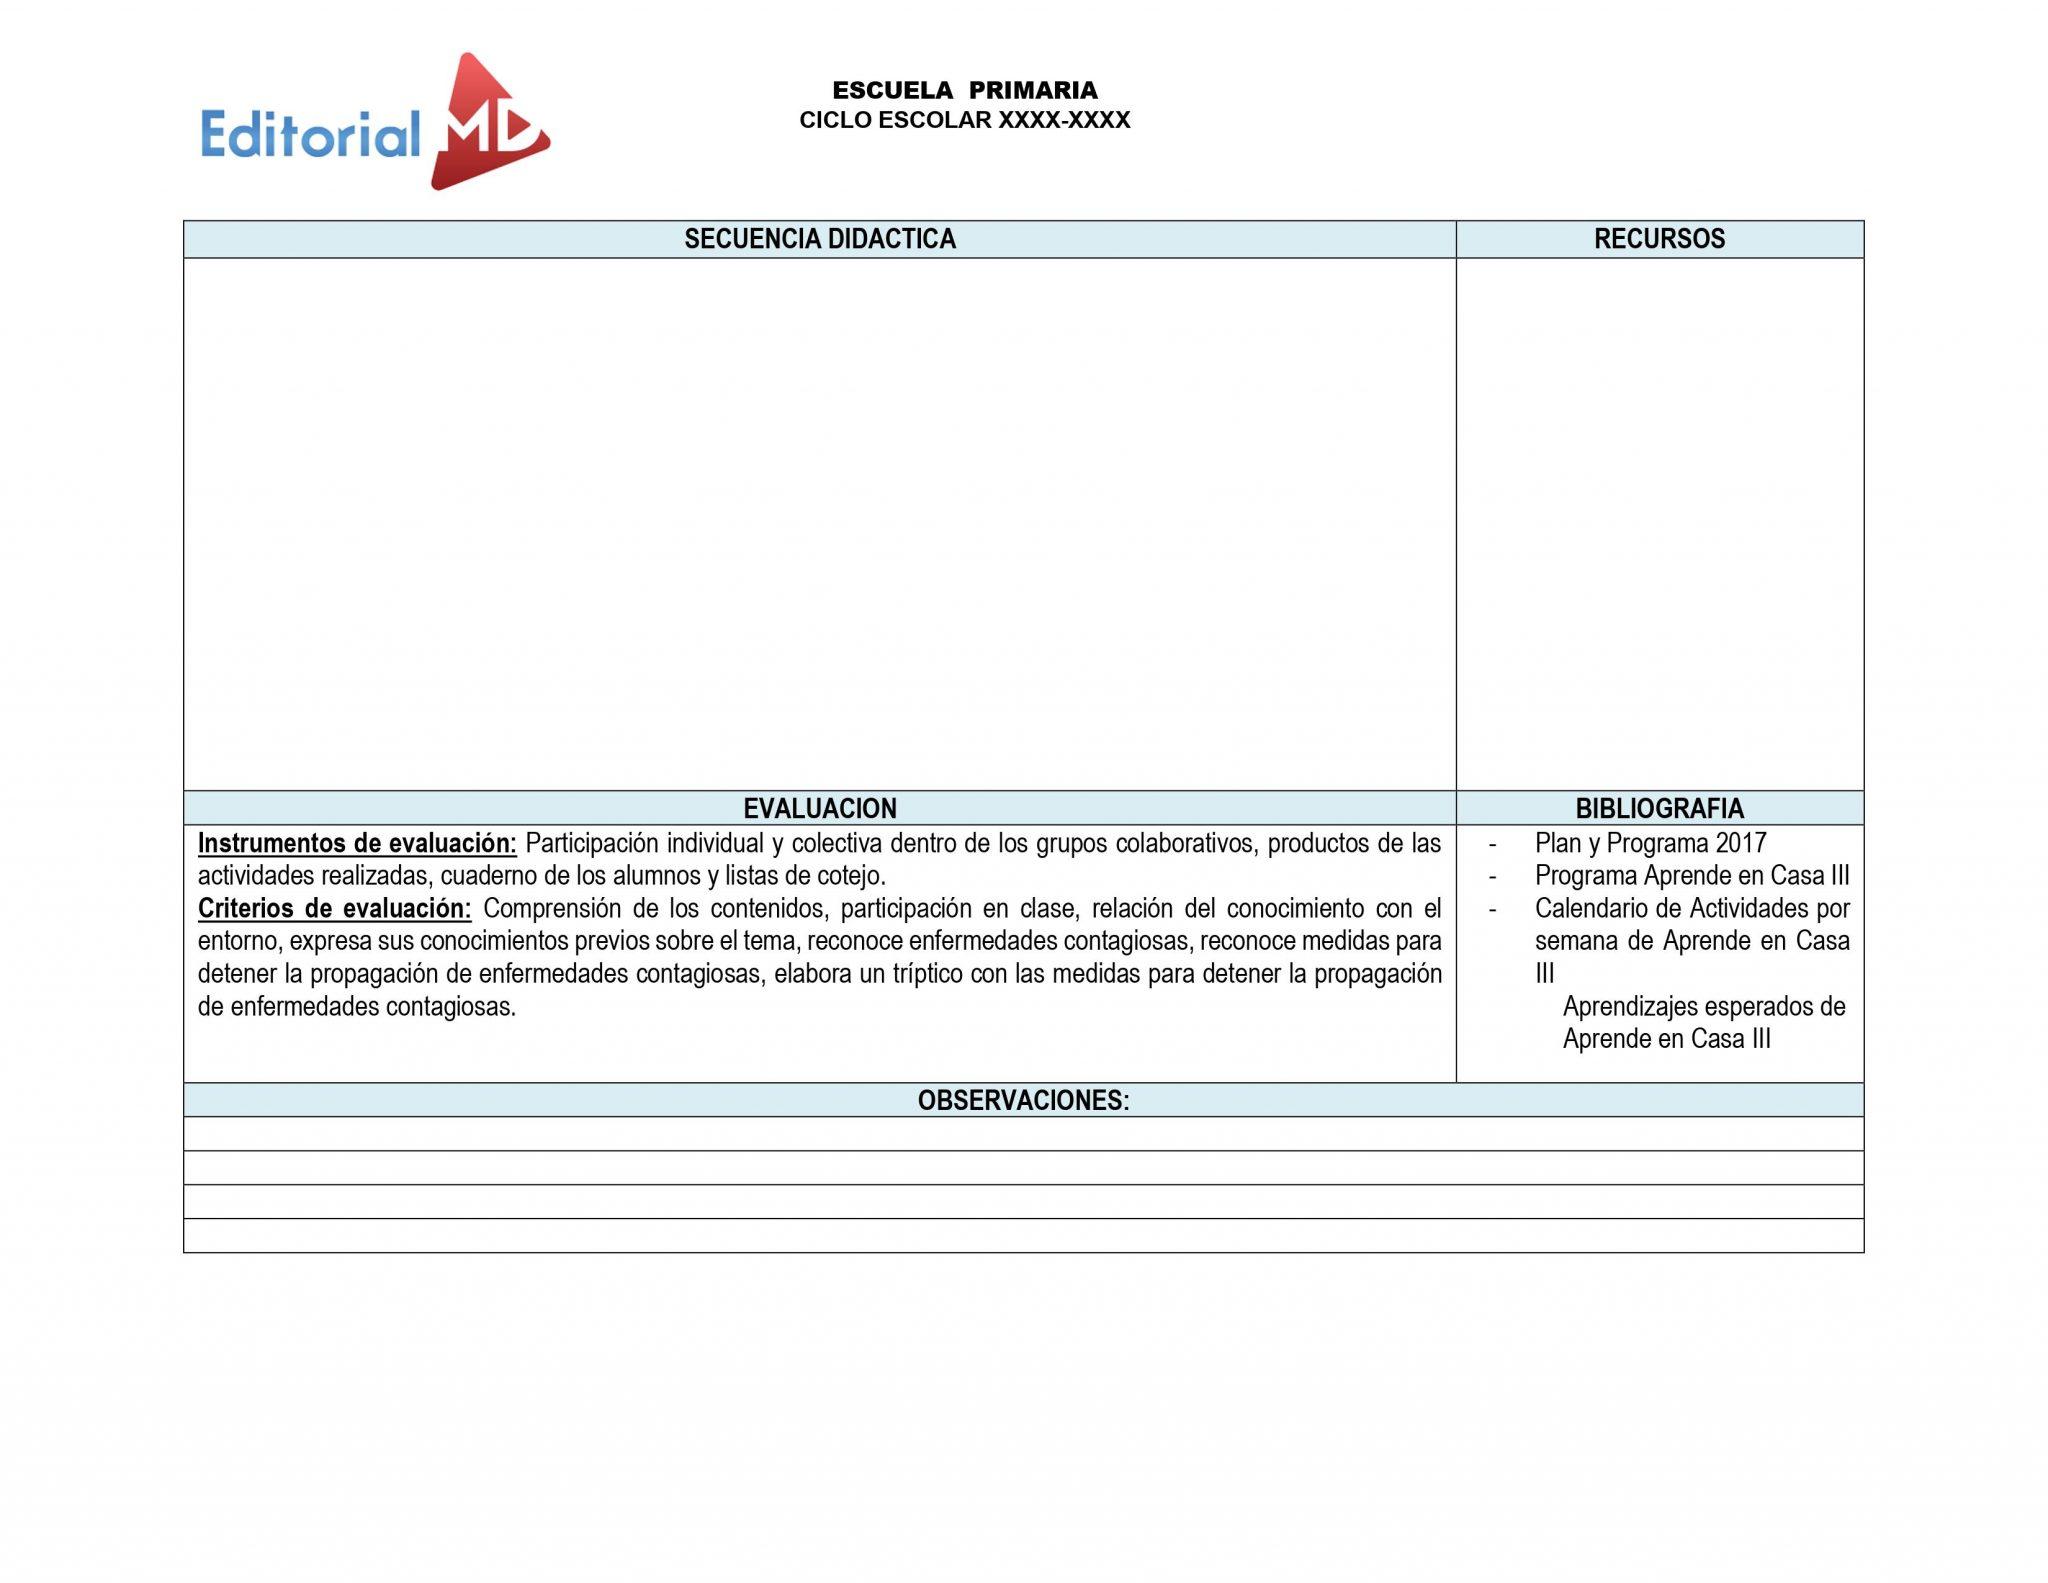 evaluacion plan de trabajo semana 32